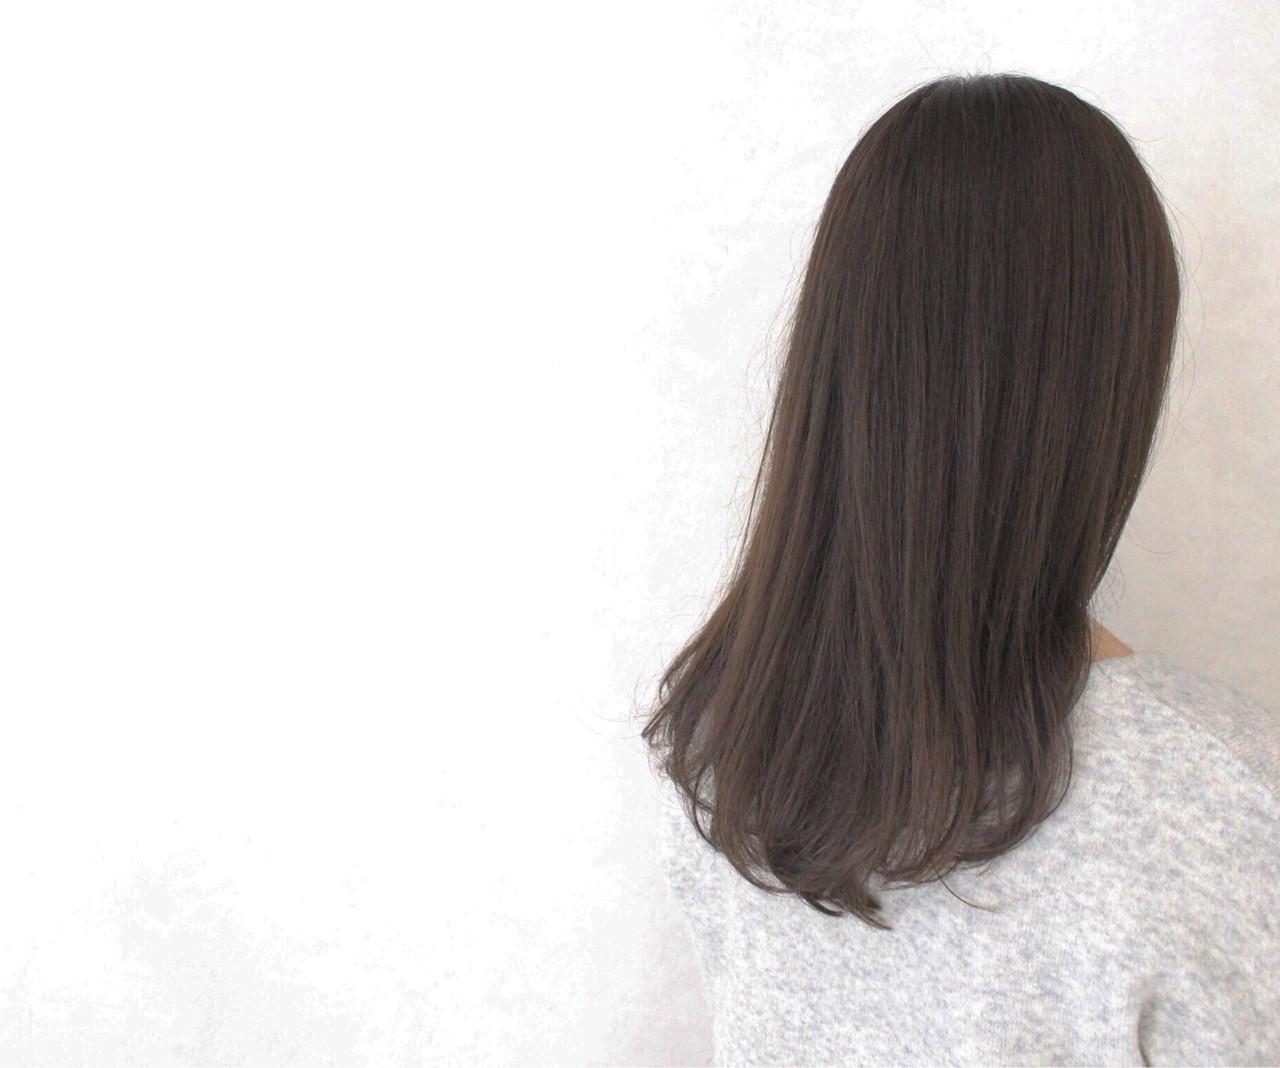 ナチュラル アッシュ 透明感 ロング ヘアスタイルや髪型の写真・画像